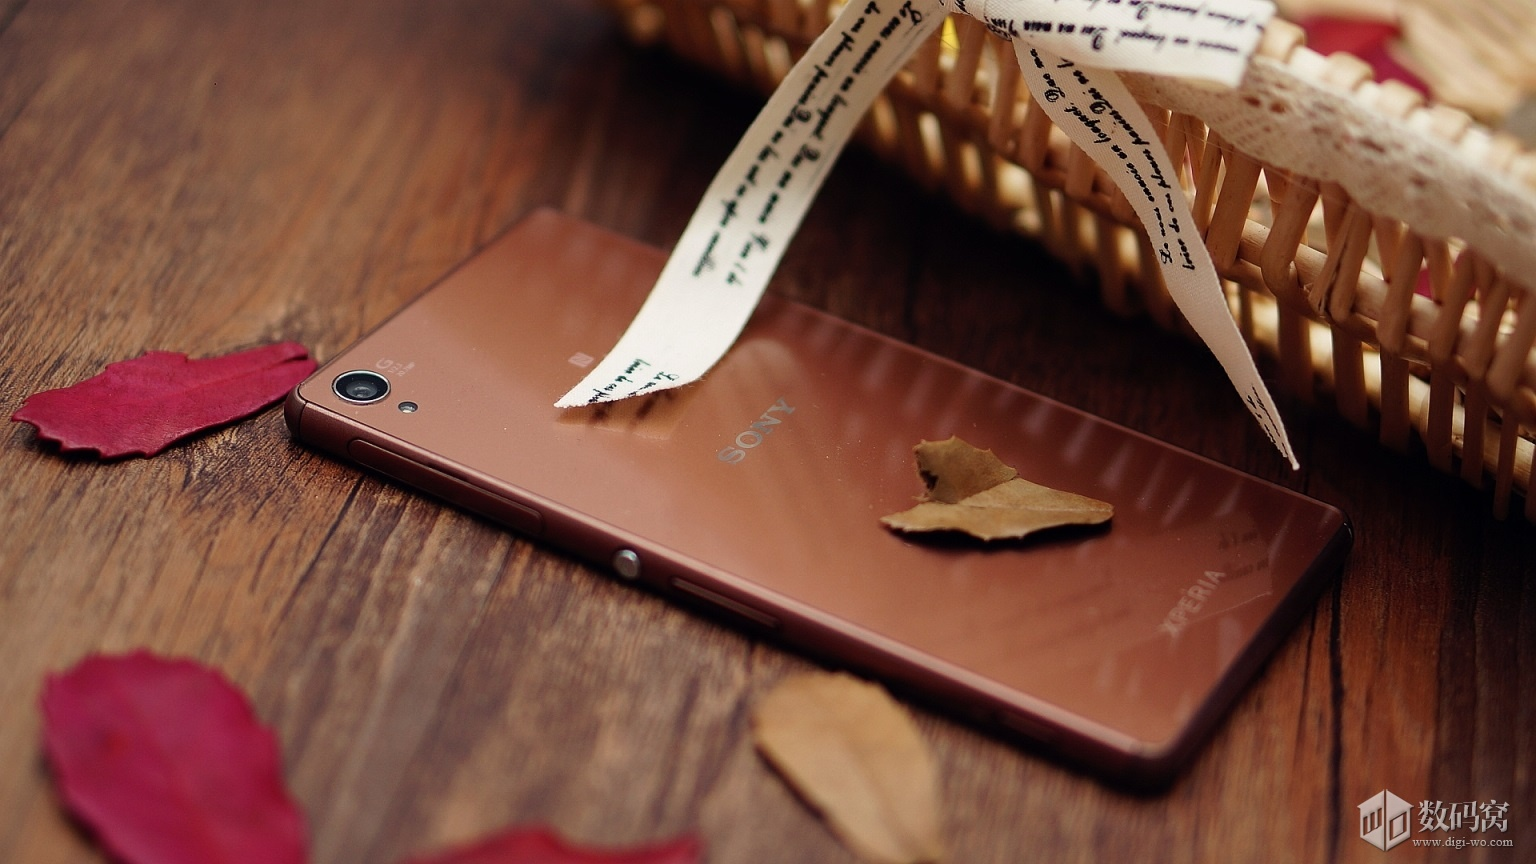 Cтильные живые снимки Xperia Z3 медного цвета